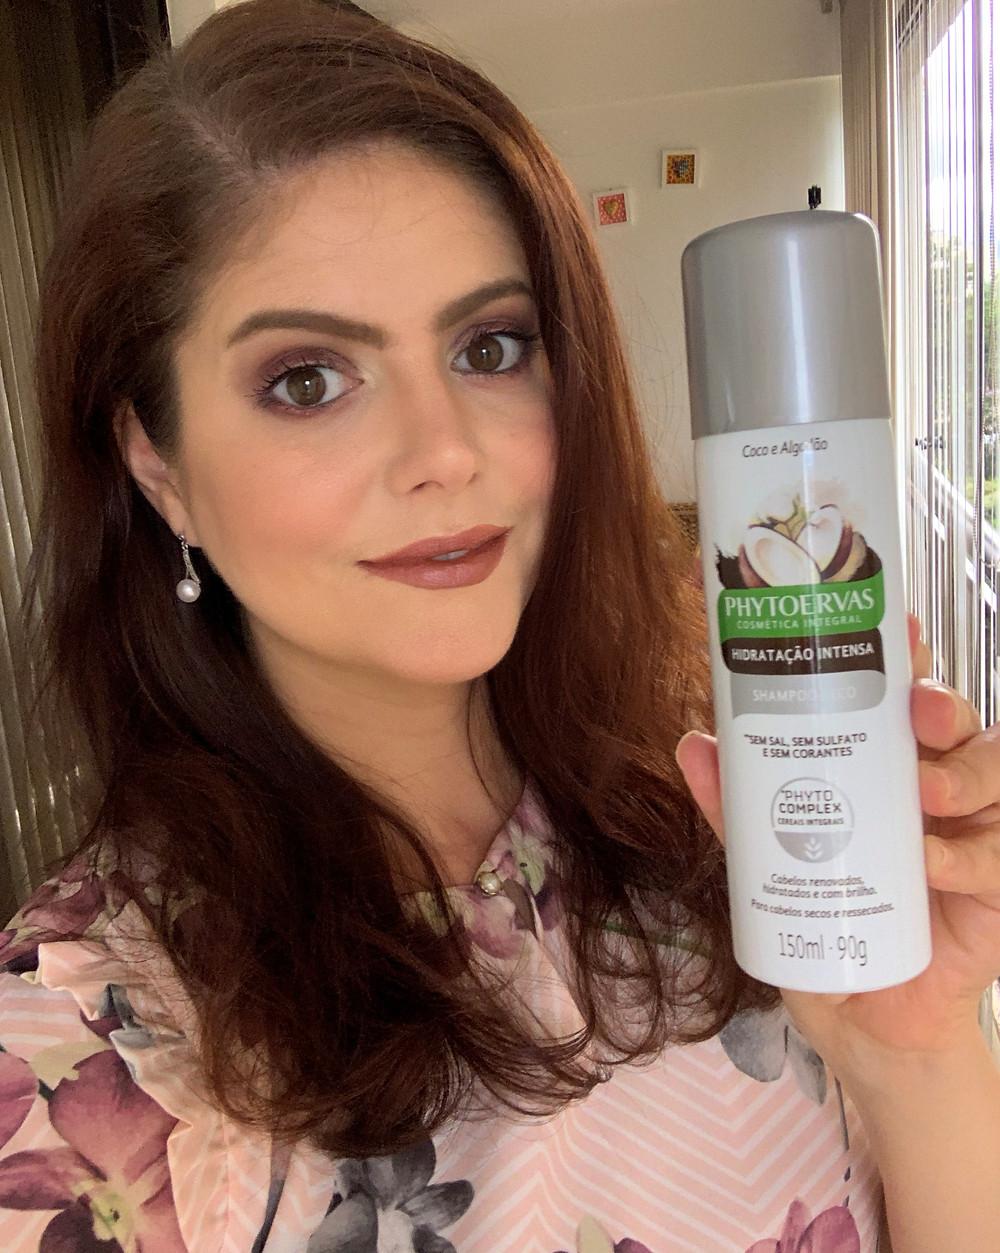 Shampoo seco hidratação Intensa PHYTOERVAS